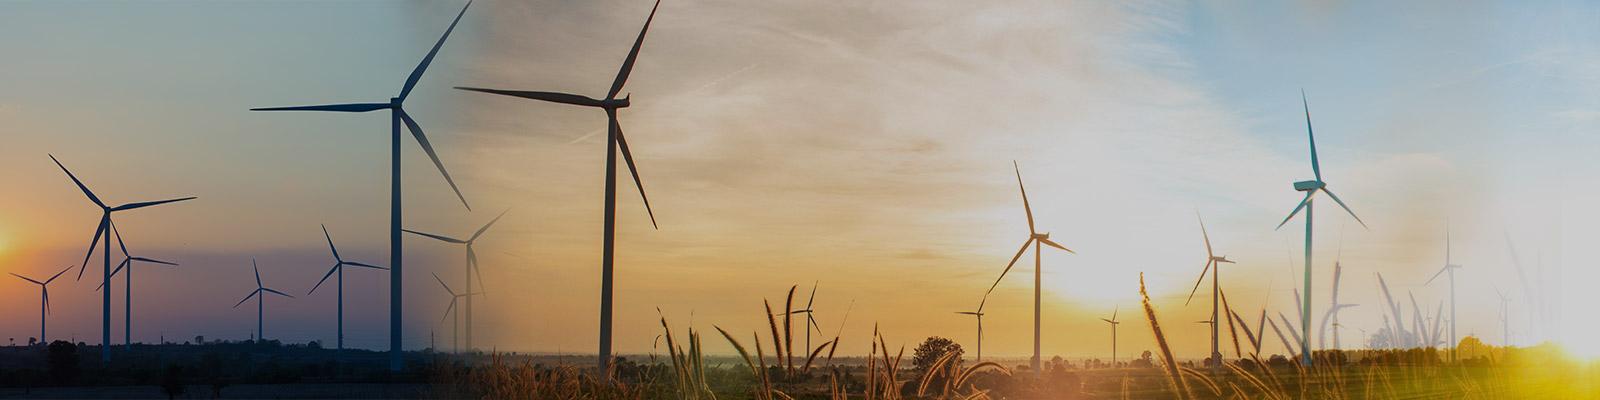 Enalmex Energía Eólica.